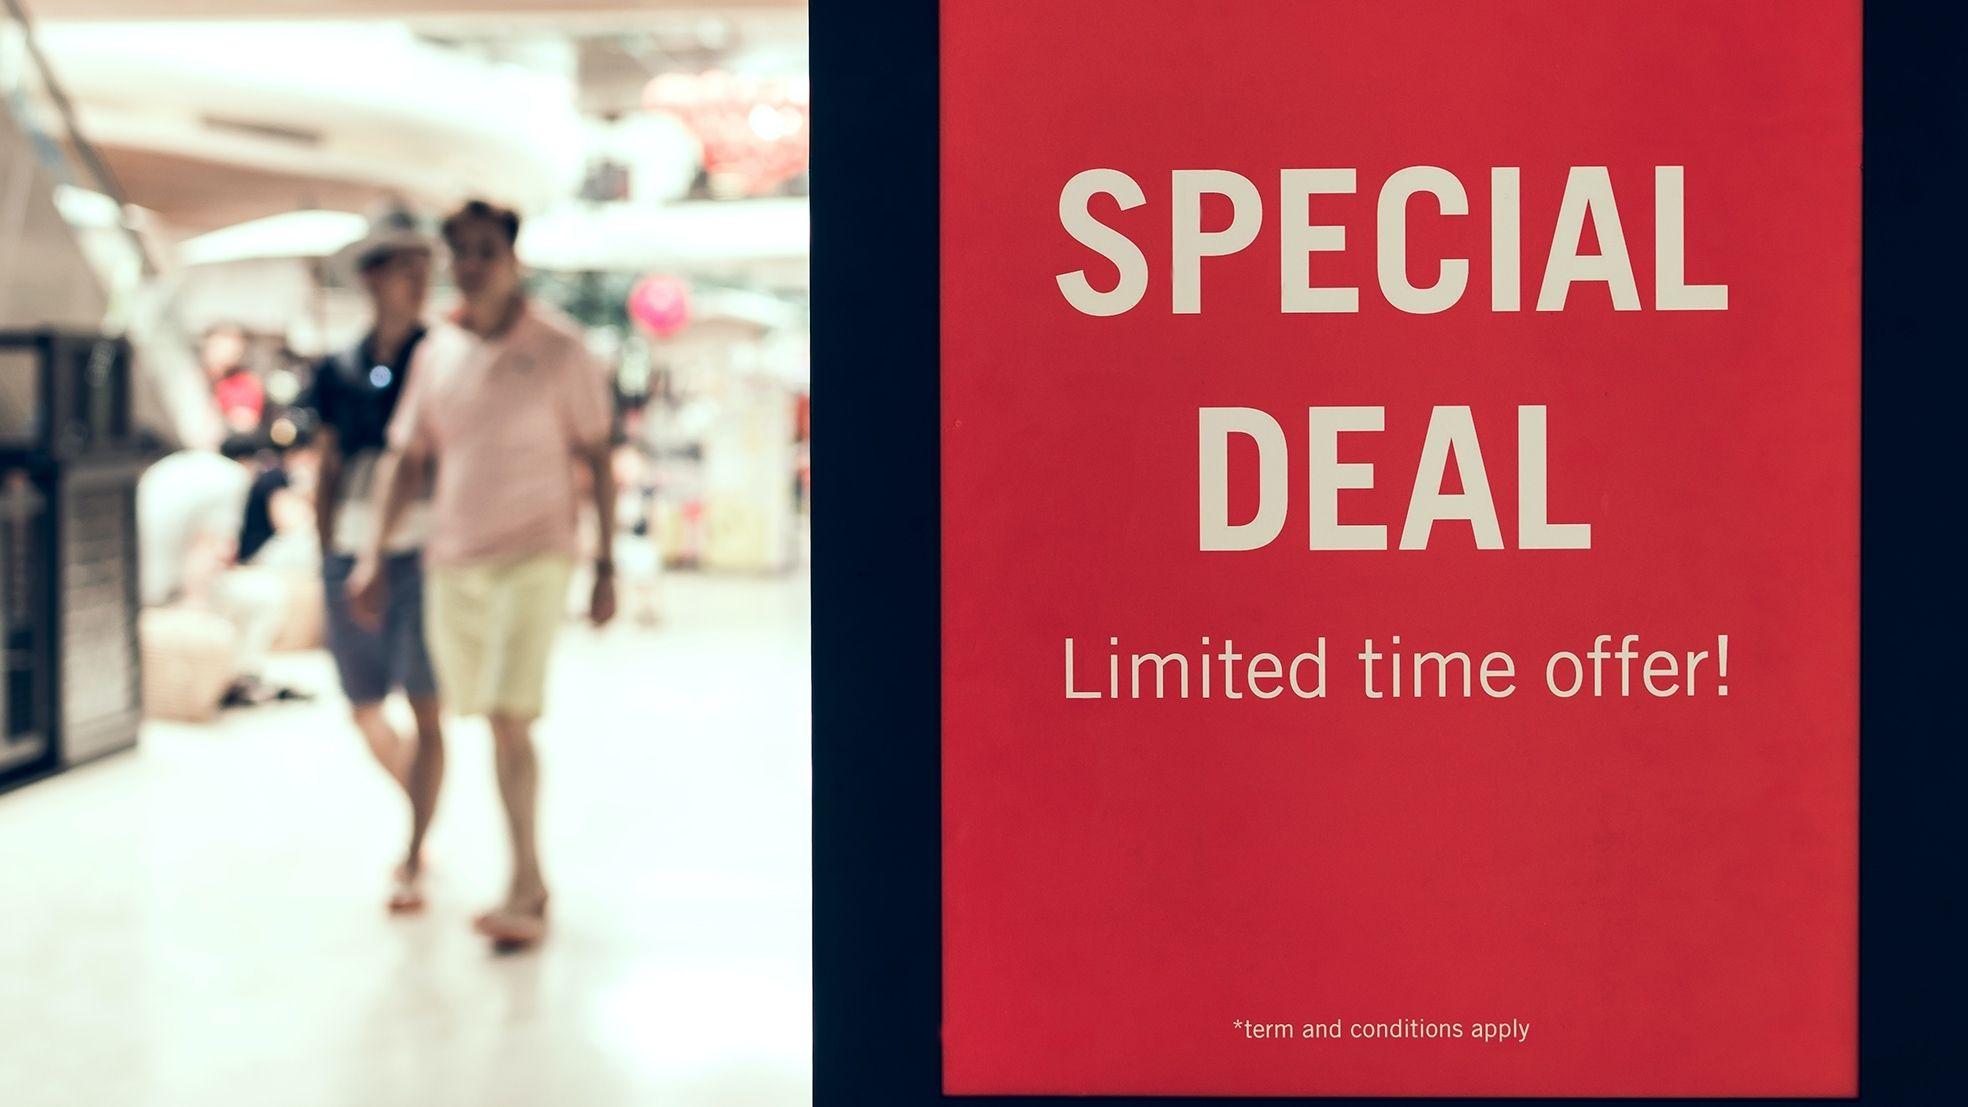 Aandachtstrekkers marketing parick wessels michel ariens reclame